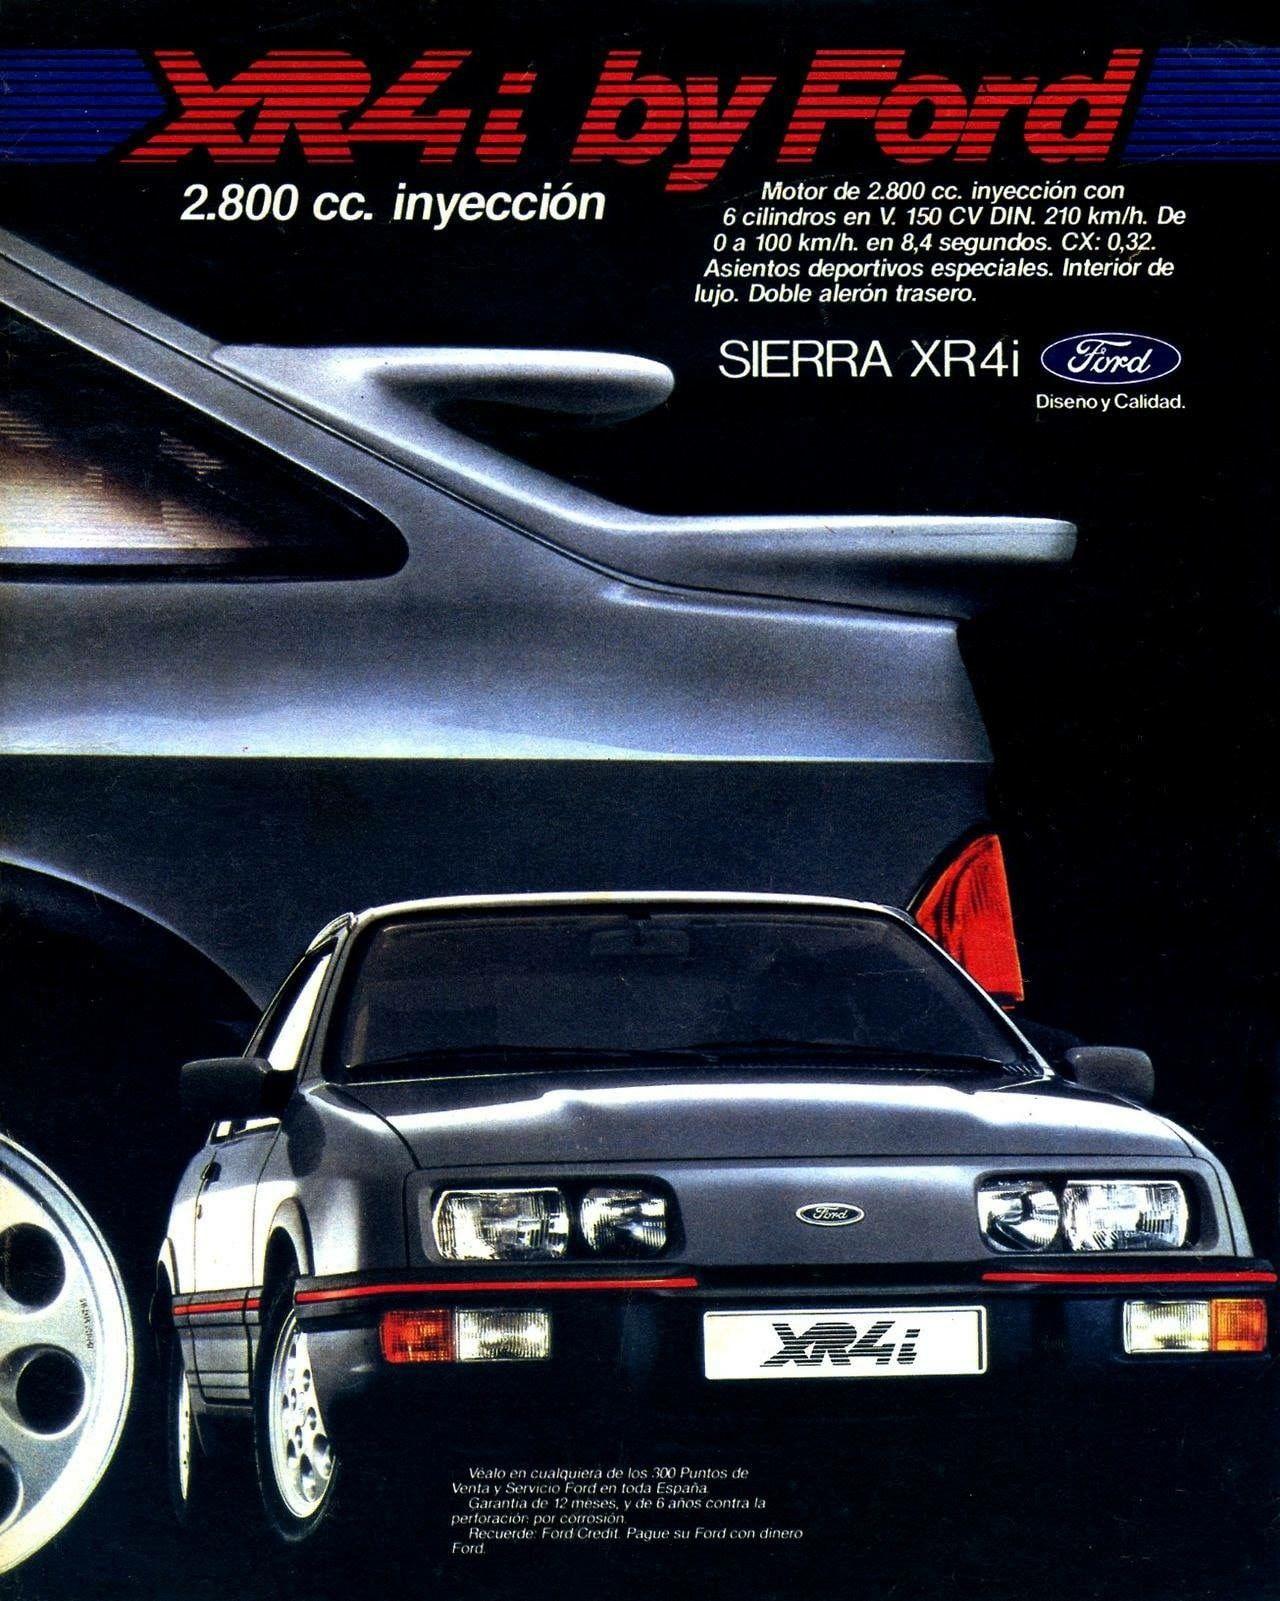 Ford Sierra Xr4 Coches Clasicos Anuncios De Coches Autos